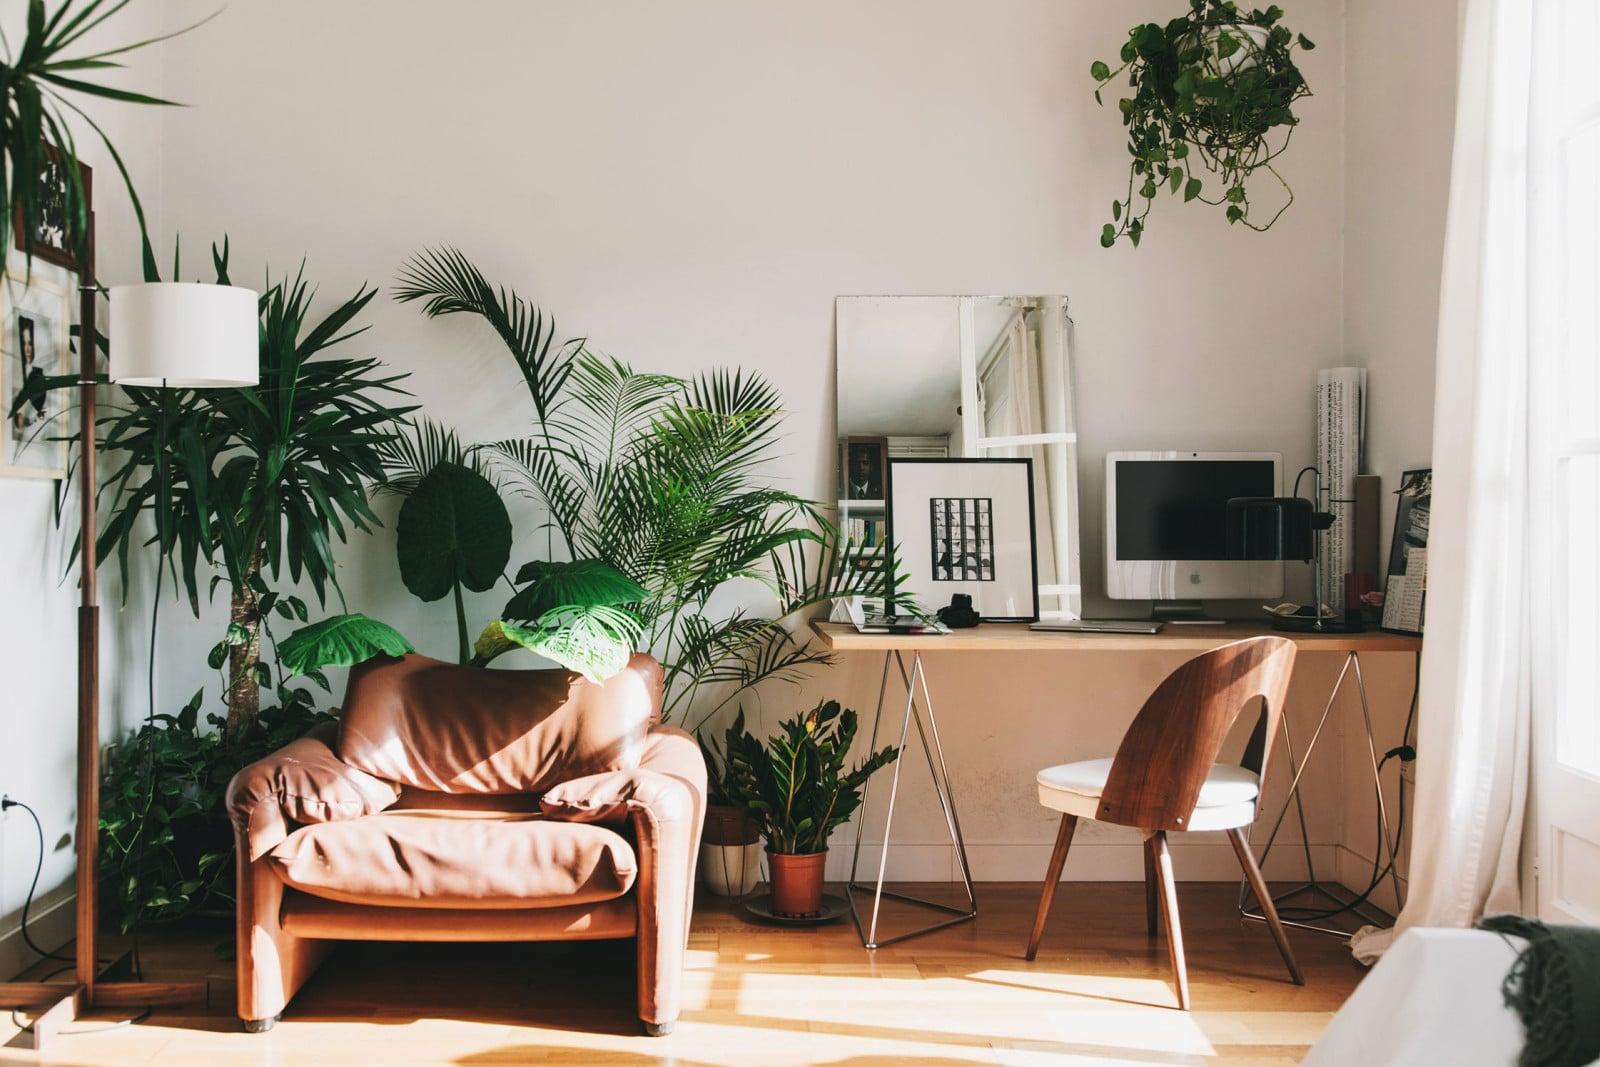 Zelenými rostlinami se ve stylu urban jungle nešetří - čím více, tím lépe, zdroj